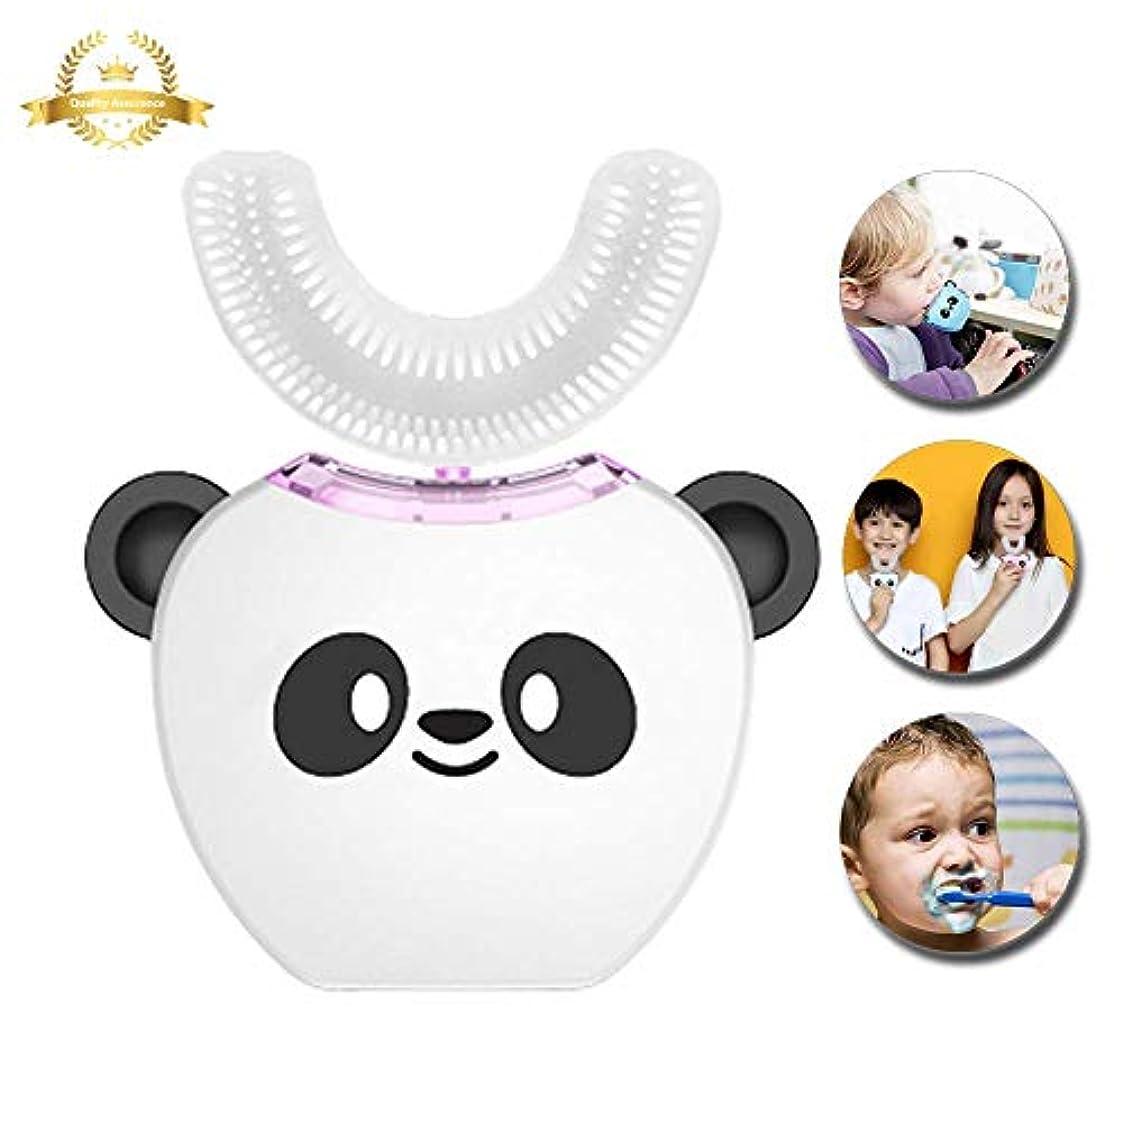 コミットメント暫定のサイバースペースV-white 電動歯ブラシ こども用 超音波振動360°オールラウンドクリーニング、充電式 (ホワイト)